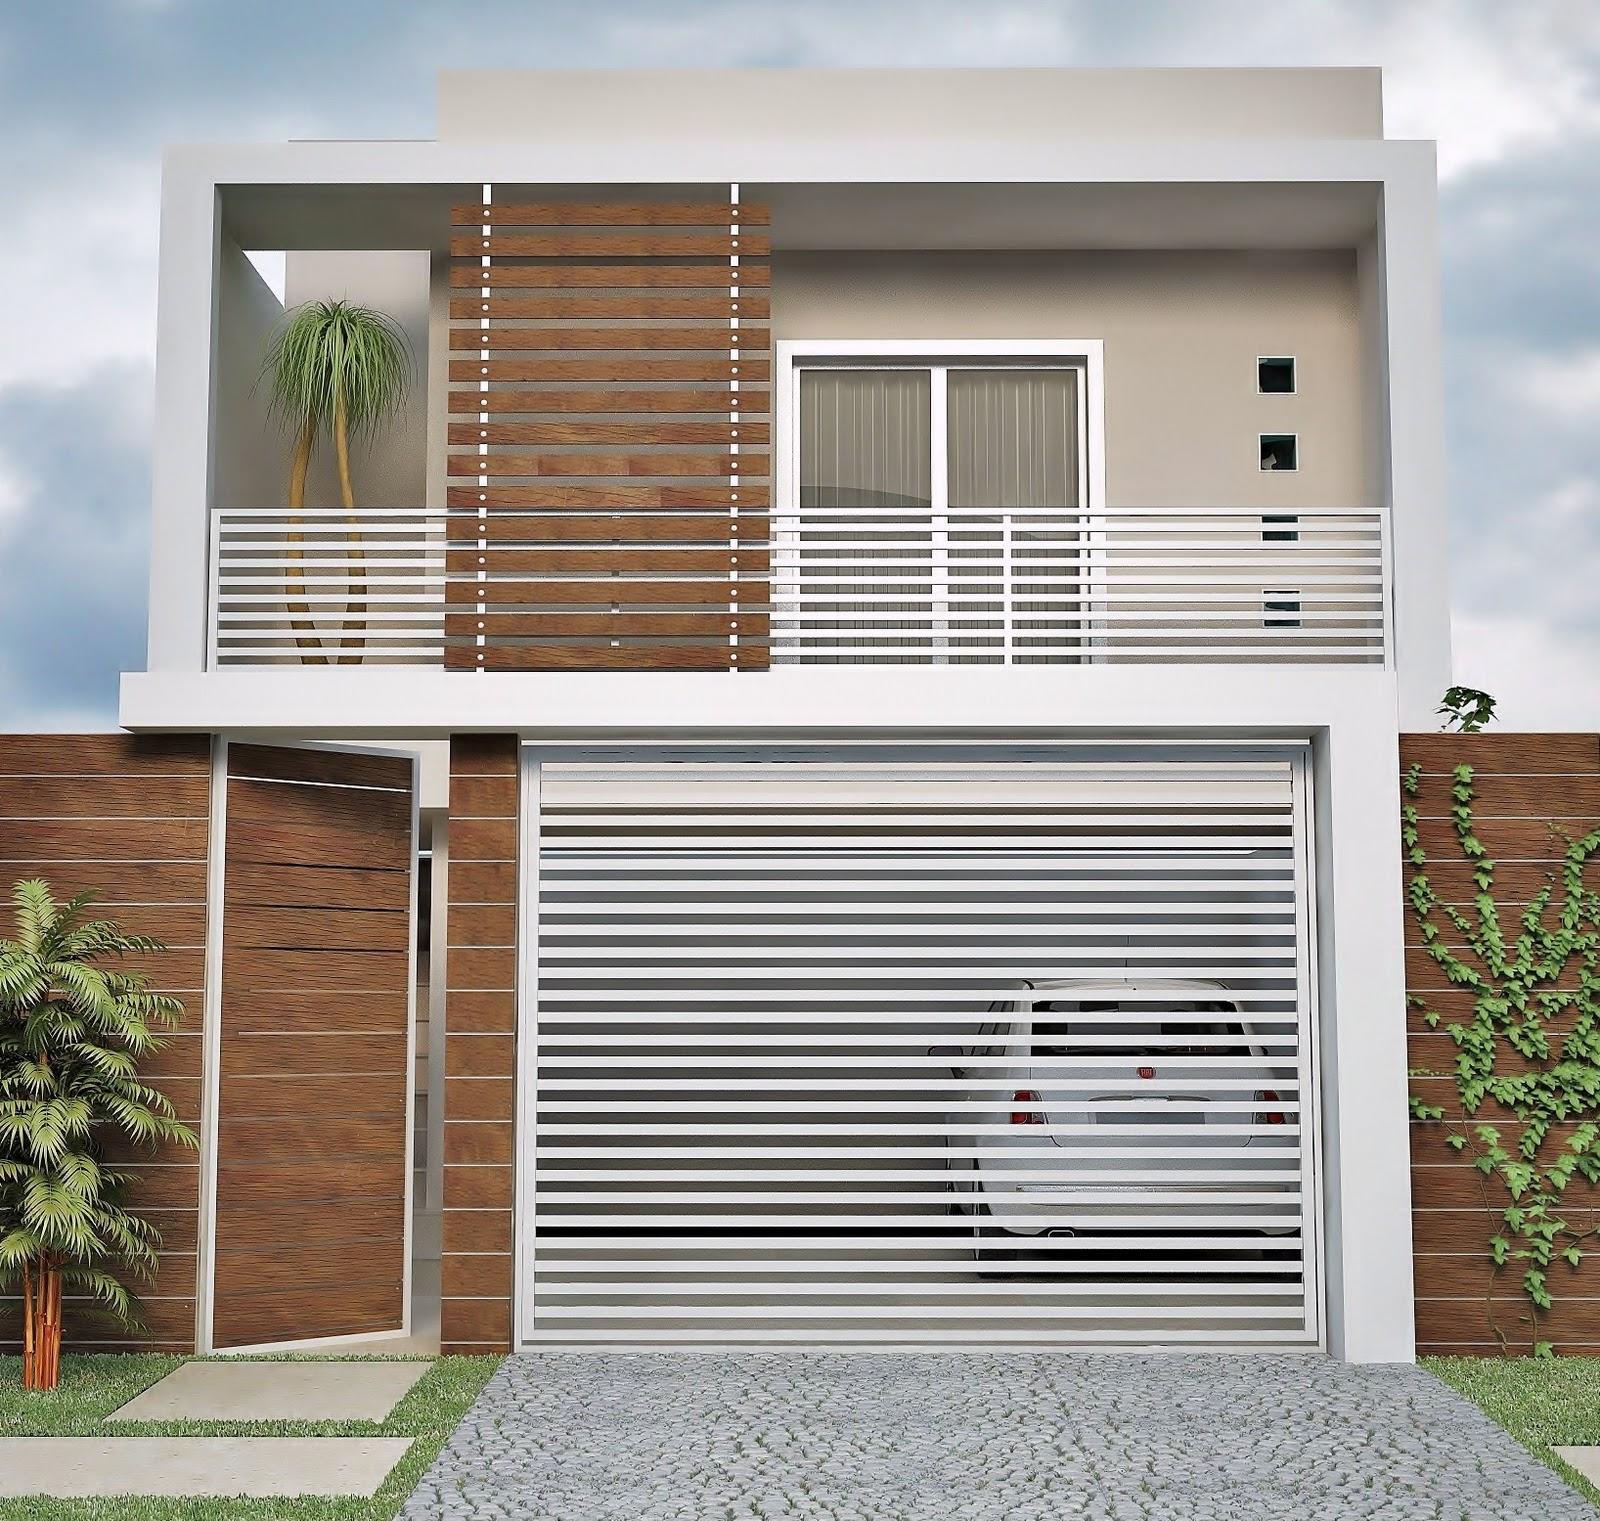 casa com fachada com detalhes de madeira